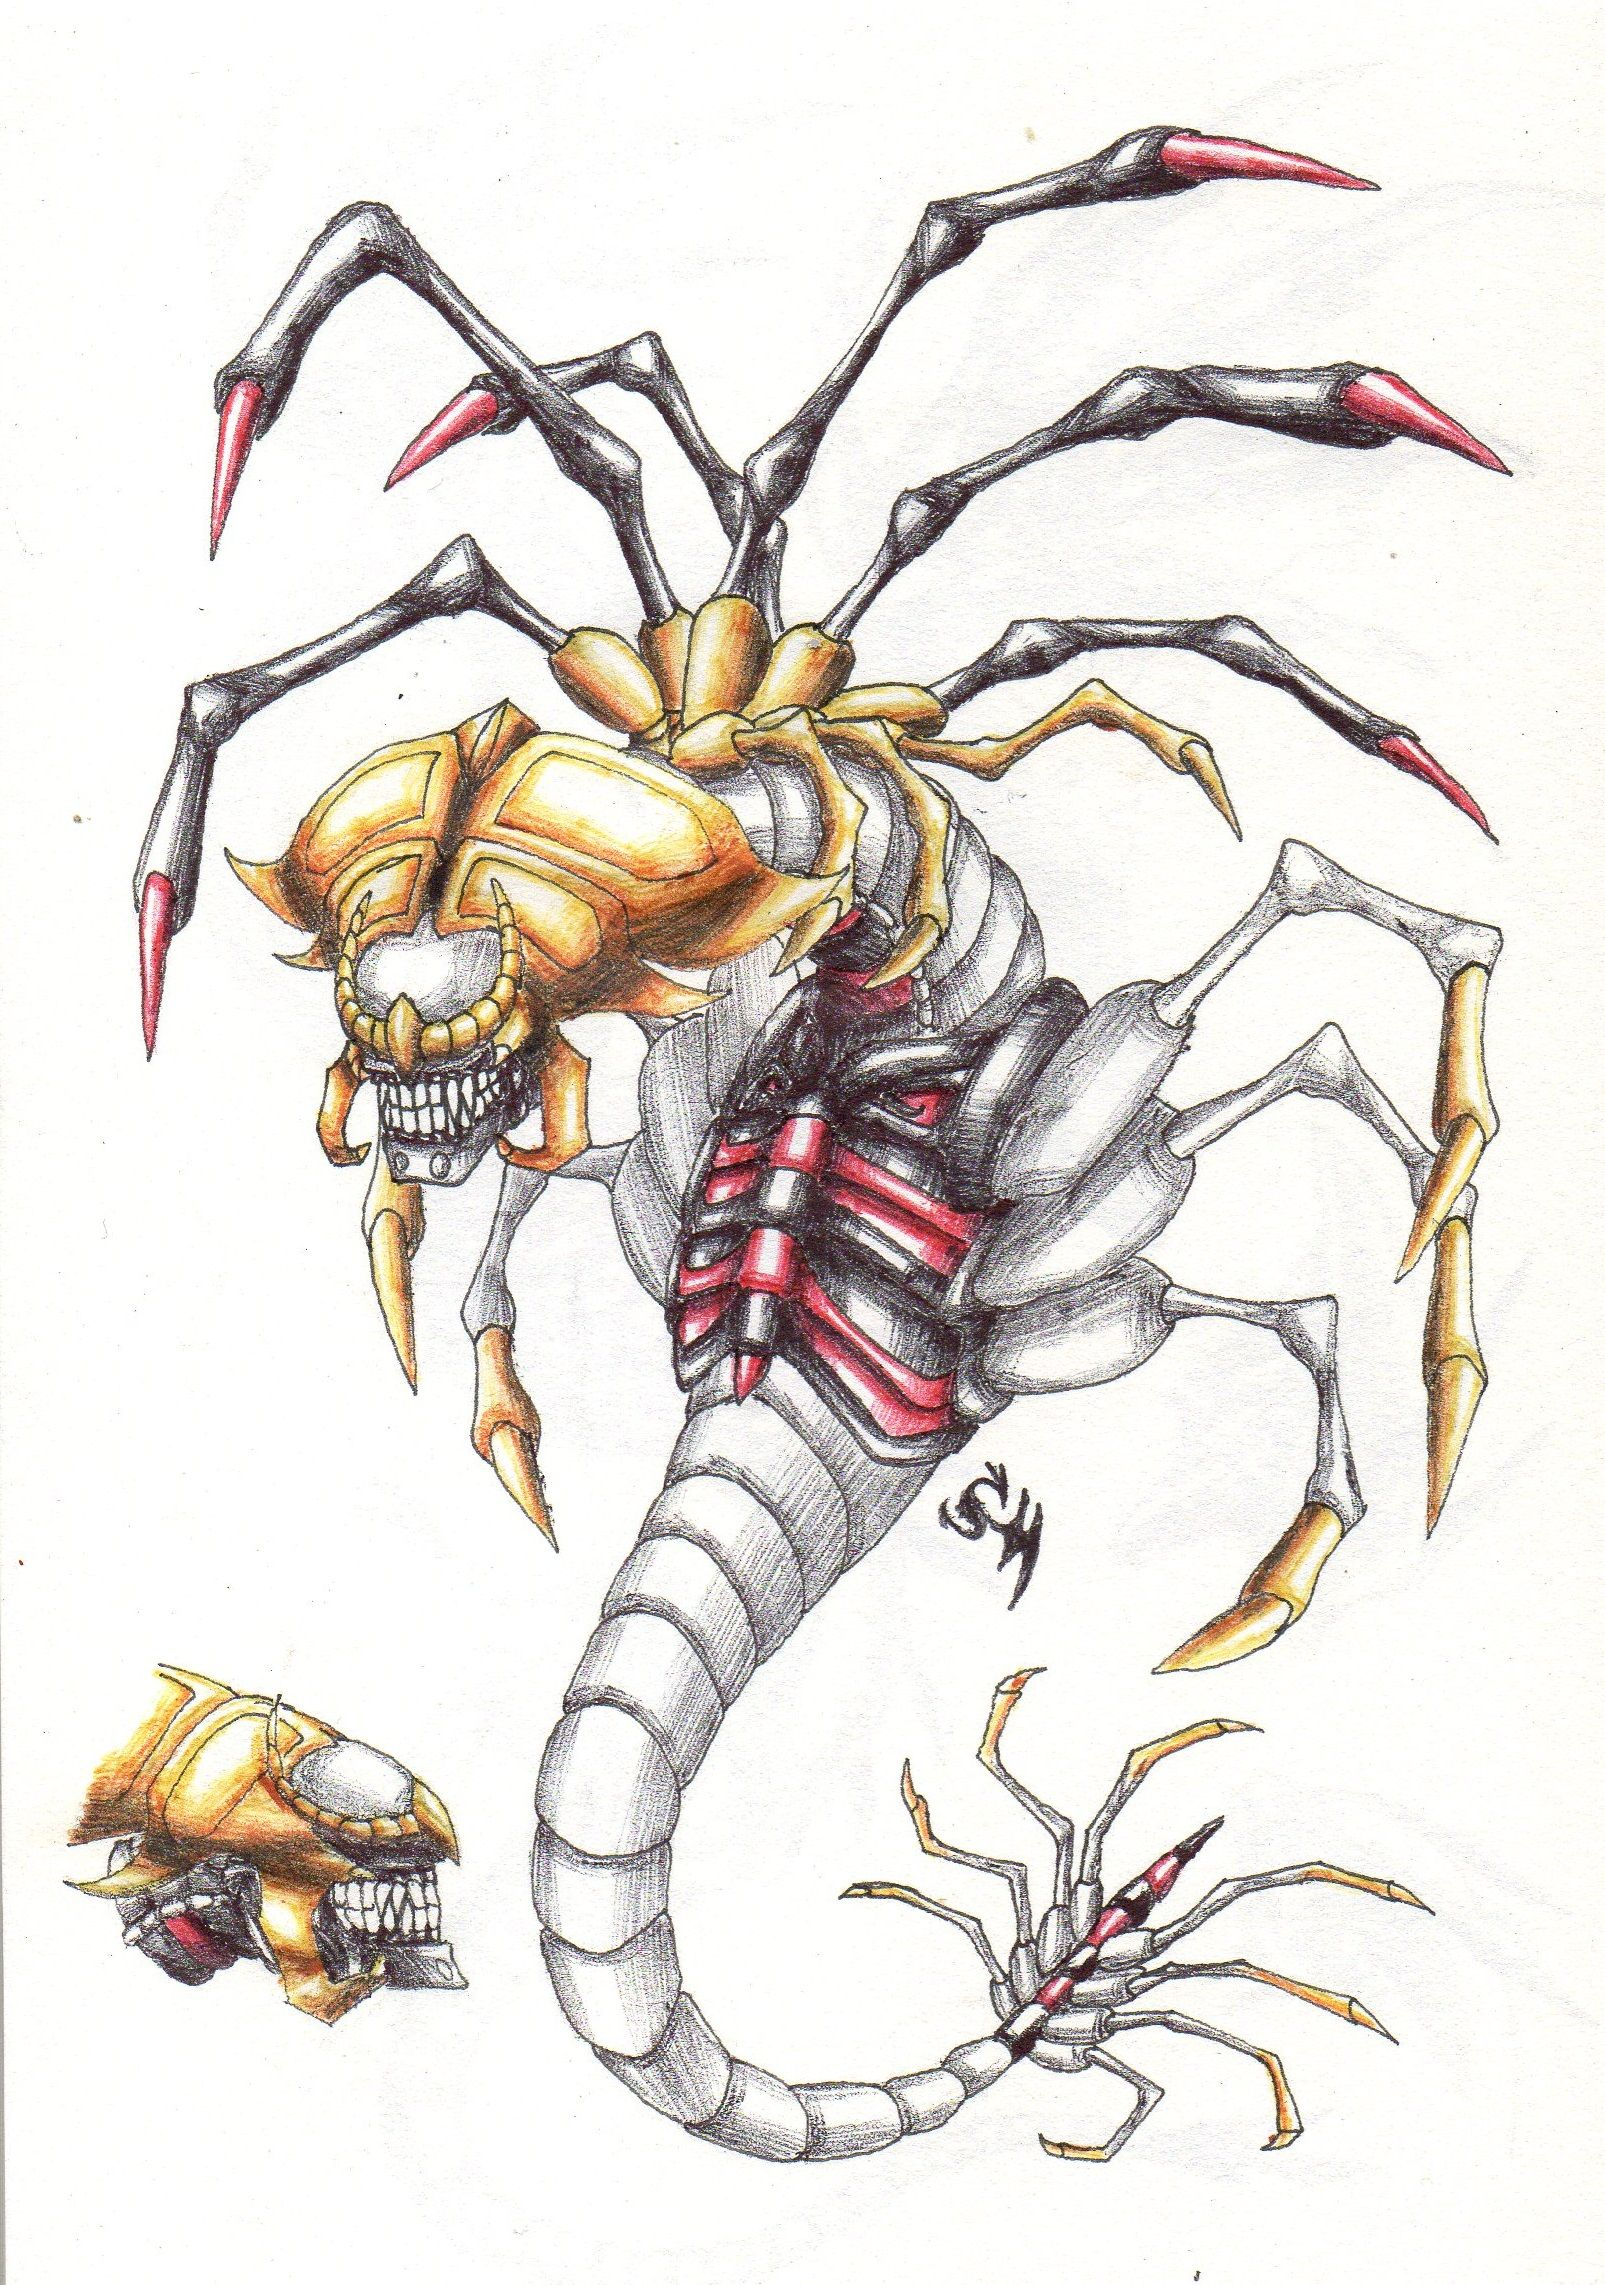 Facehugger Giratina #pokemon #giratina #alien #xenomorph #